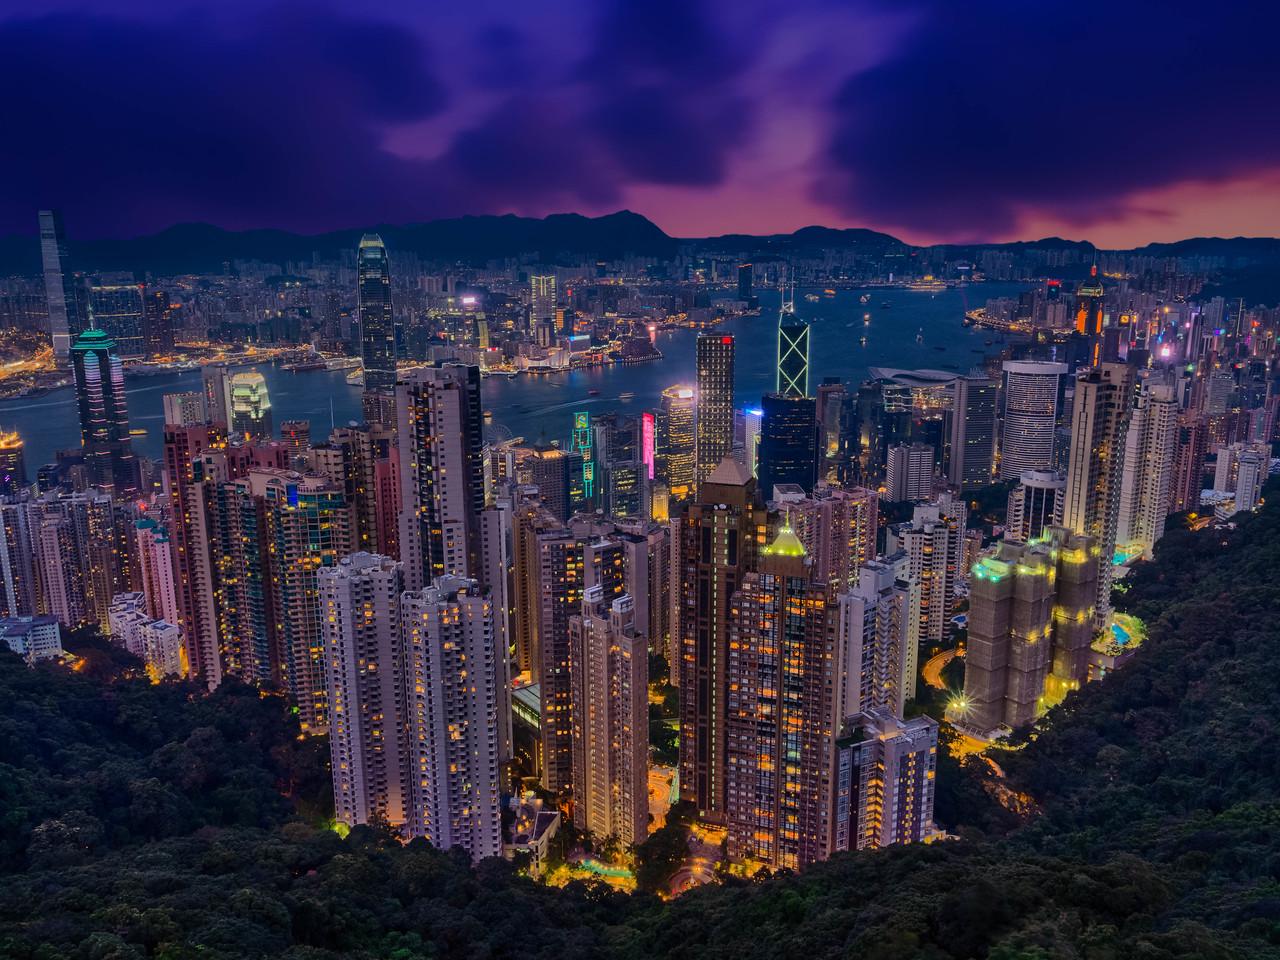 Hong Kong comes alive at Night